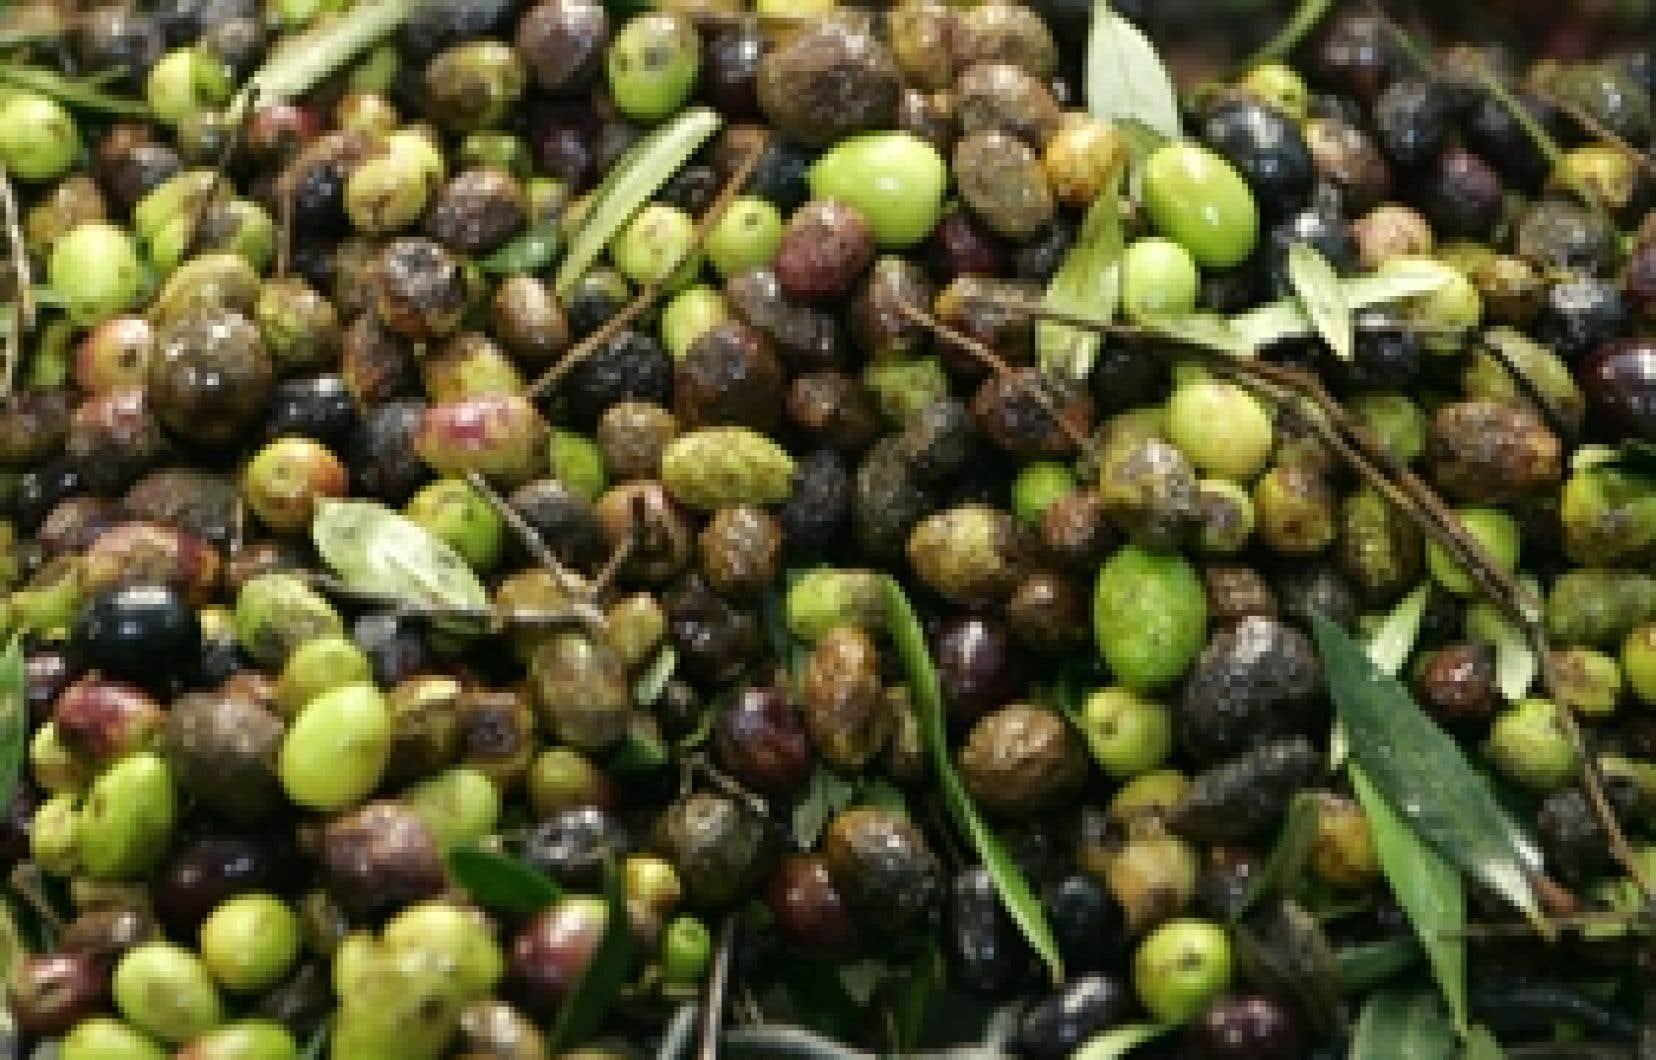 Variétés d'olives des Baux de Provence donnant l'une des précieuses huiles à la base de la cuisine méditerranéenne.